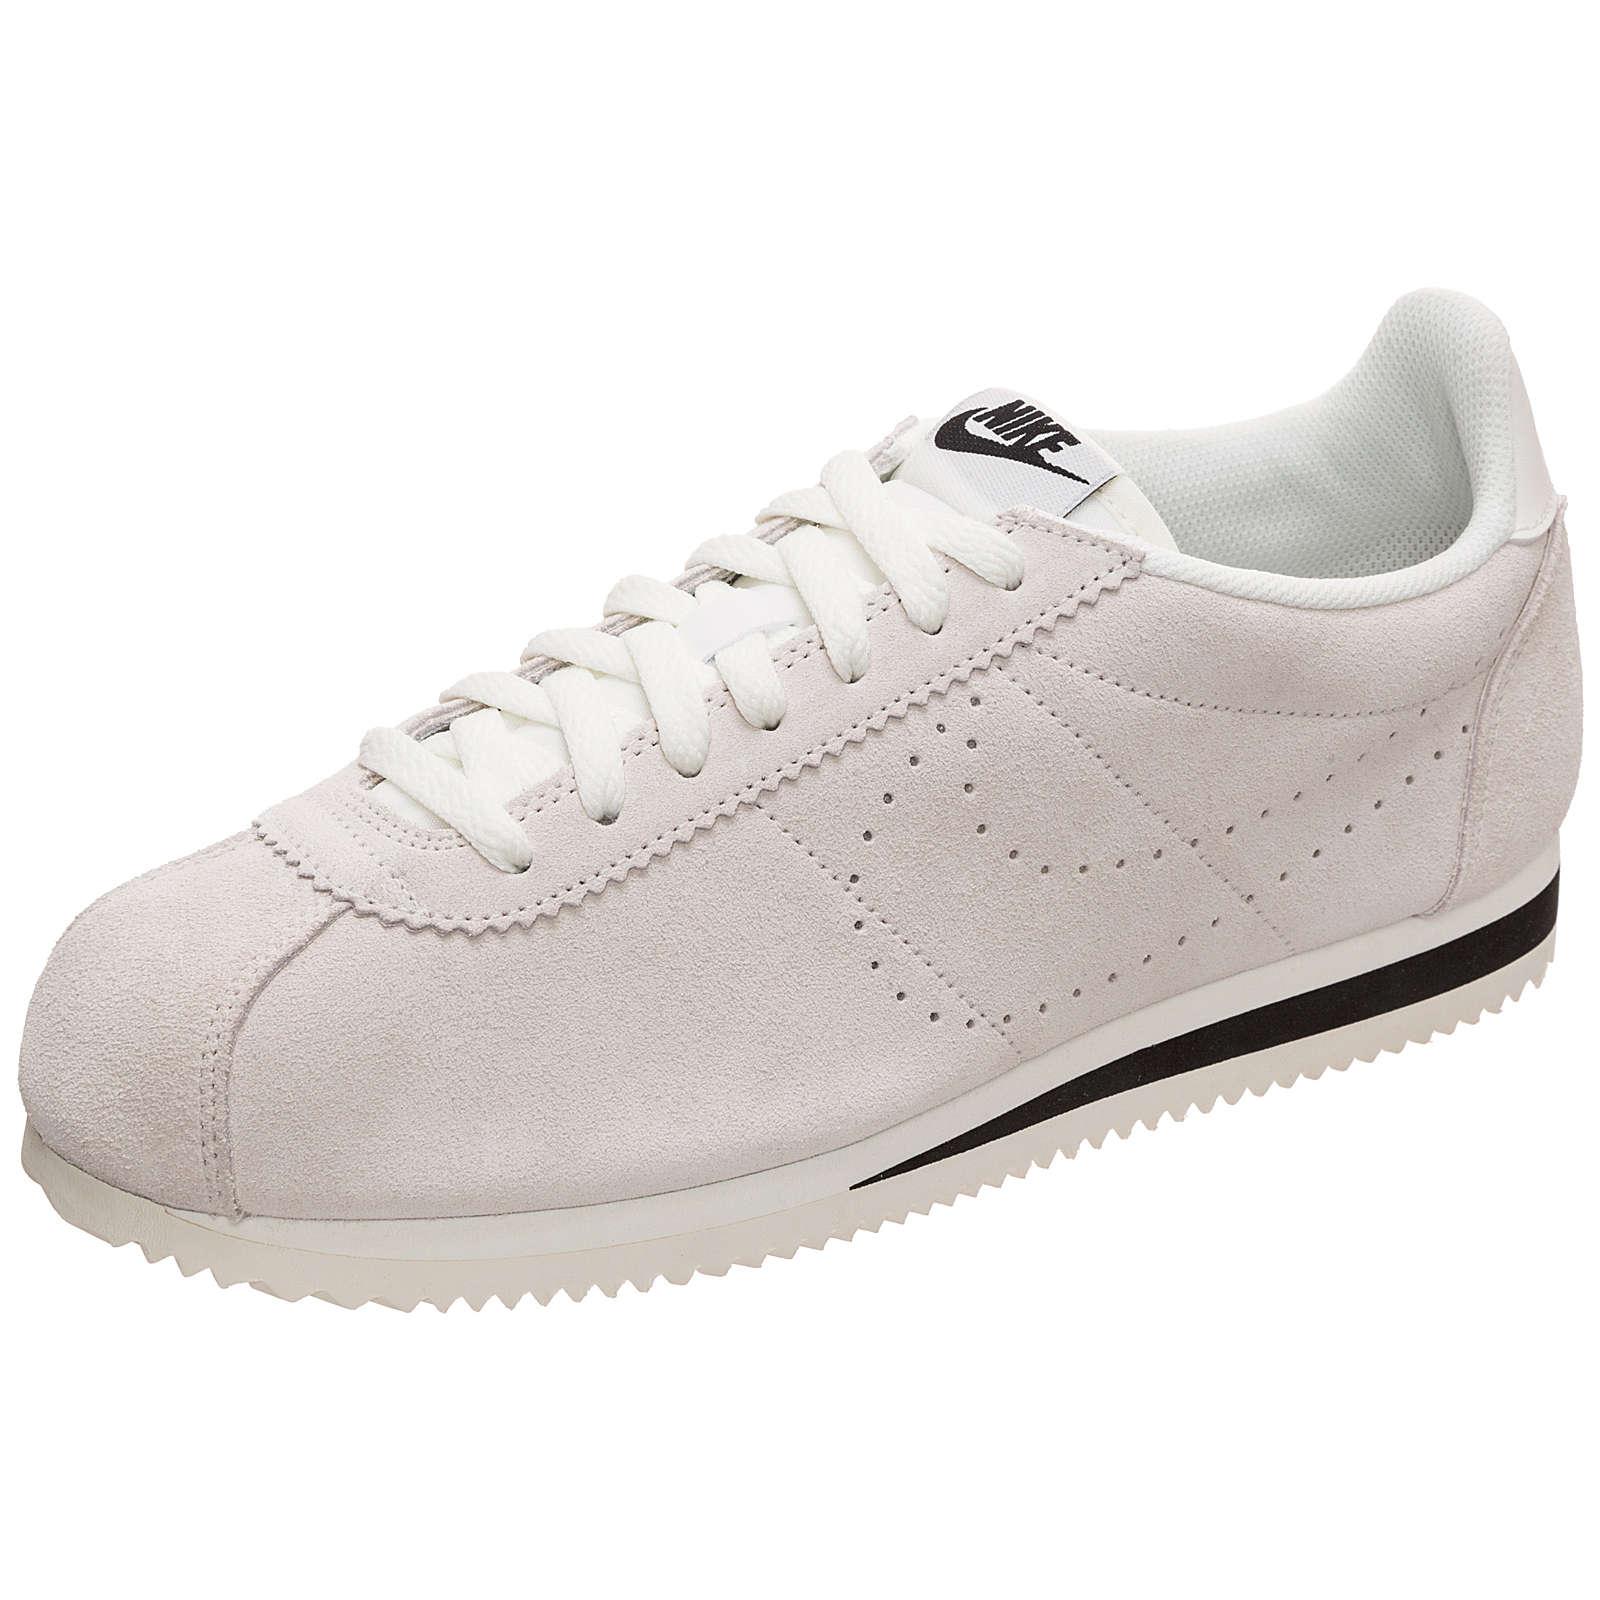 Nike Sportswear Sneakers Low beige Herren Gr. 45,5